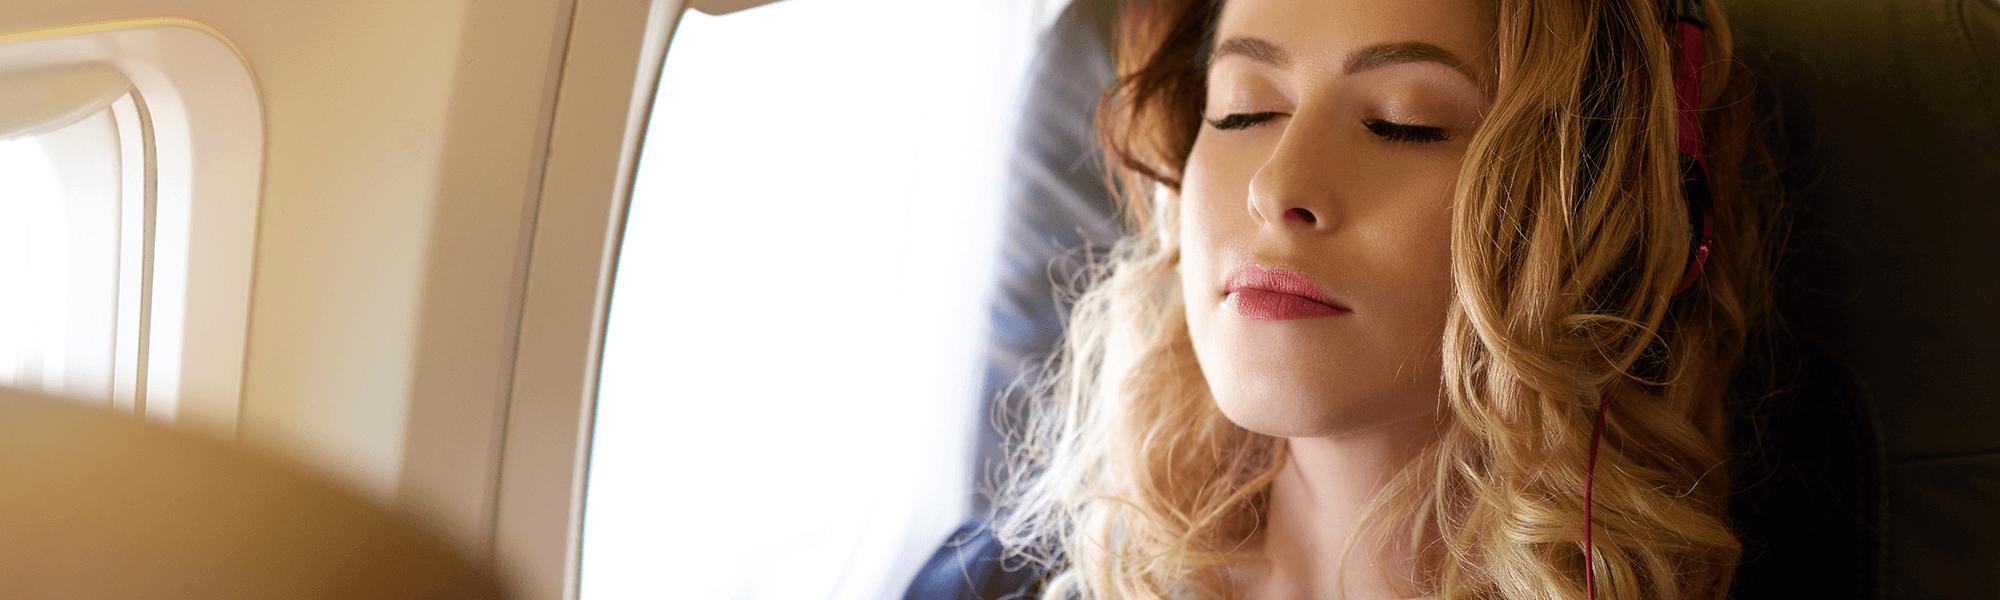 Entspannt fliegen - mit unseren Top 12 Flug-Tipps